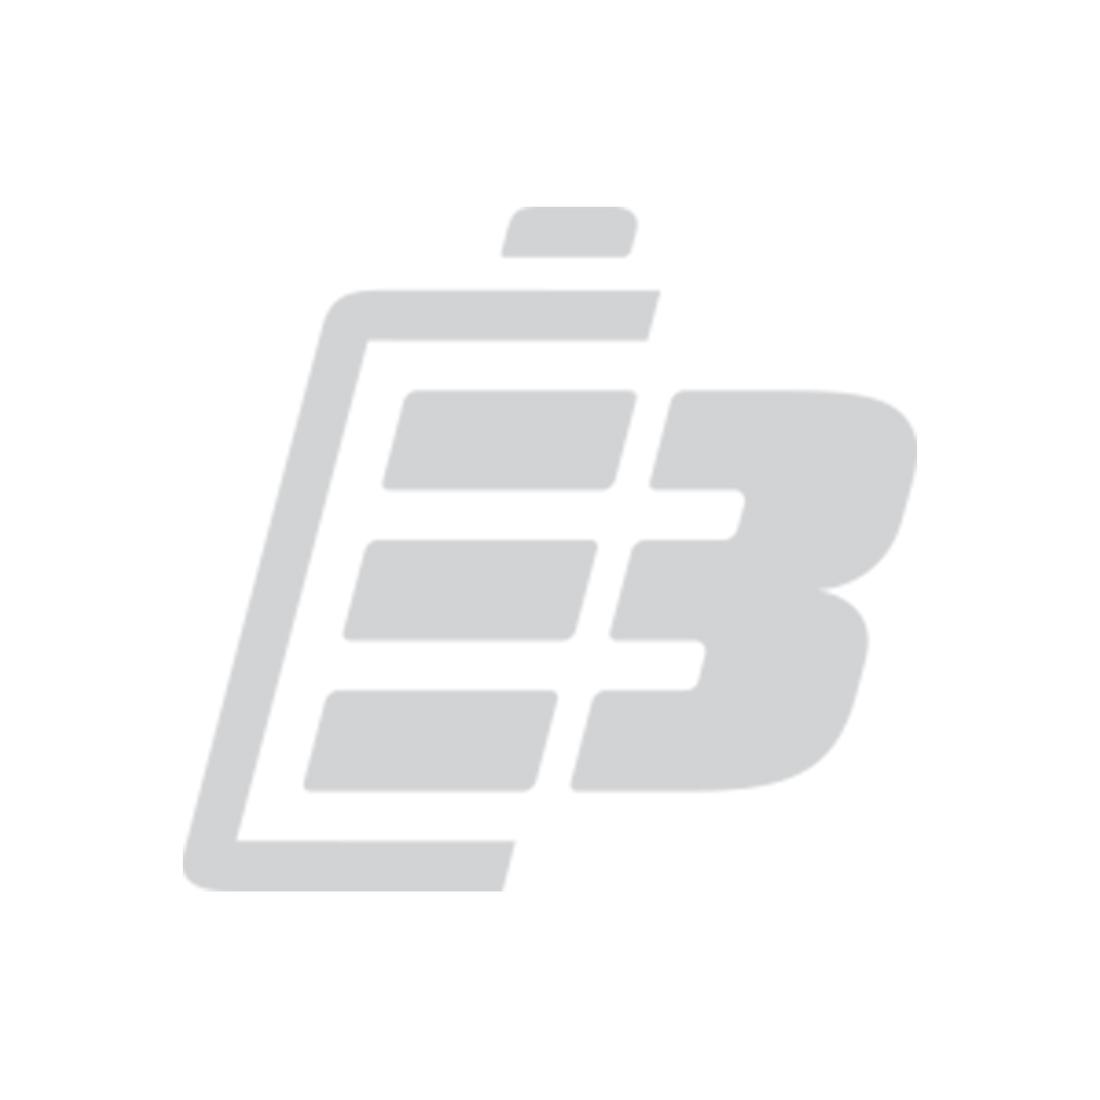 Fenix BC35R LED Bike Light